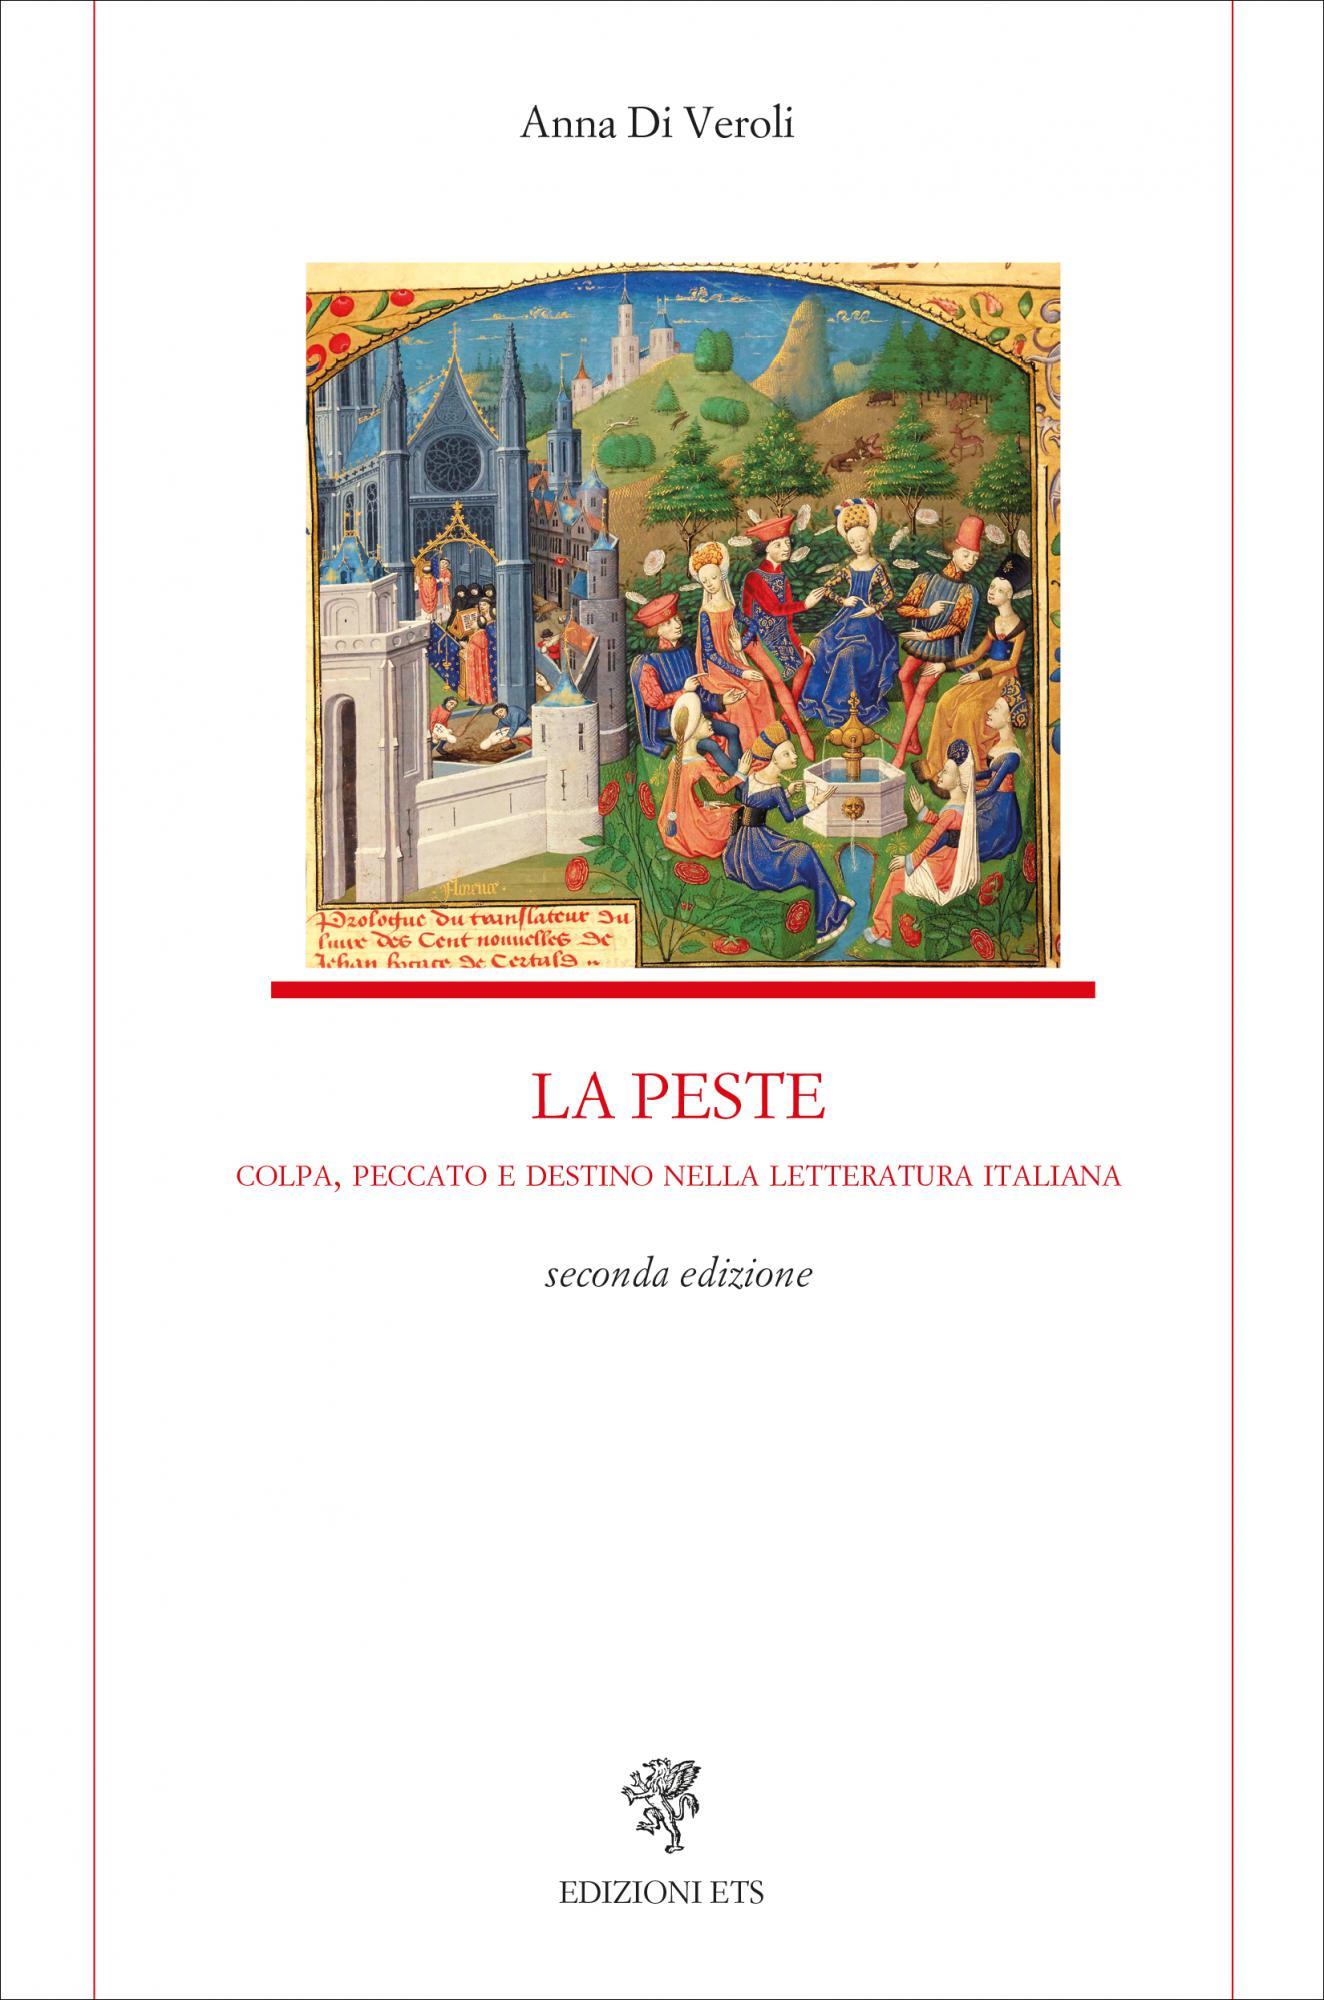 La peste.Colpa, peccato e destino nella letteratura italiana (seconda edizione)